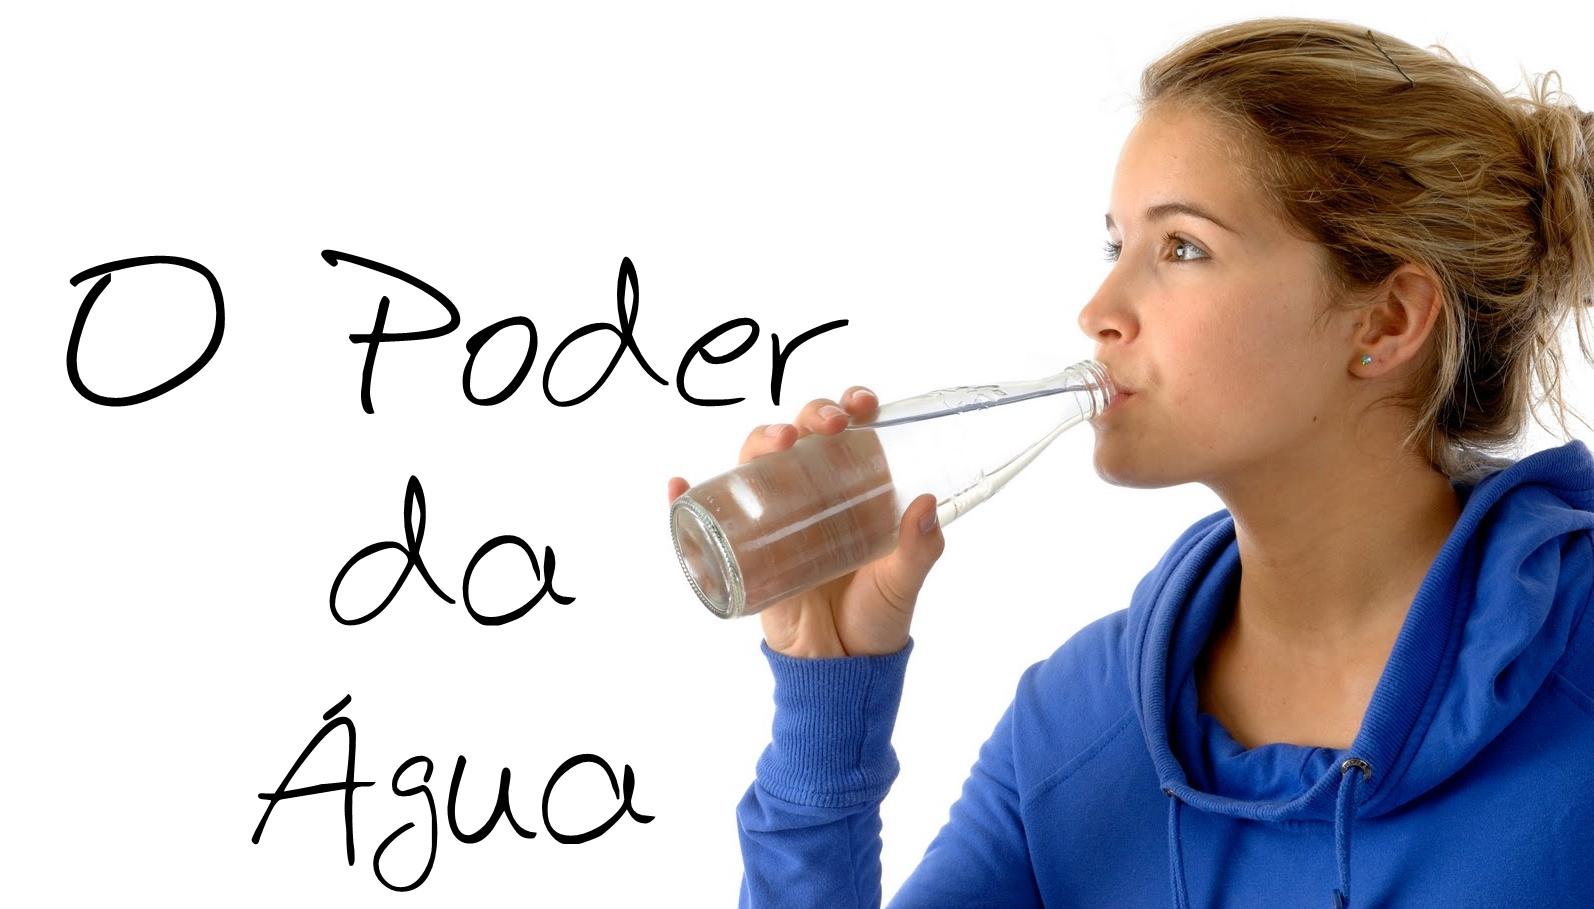 beneficios da agua atualizado